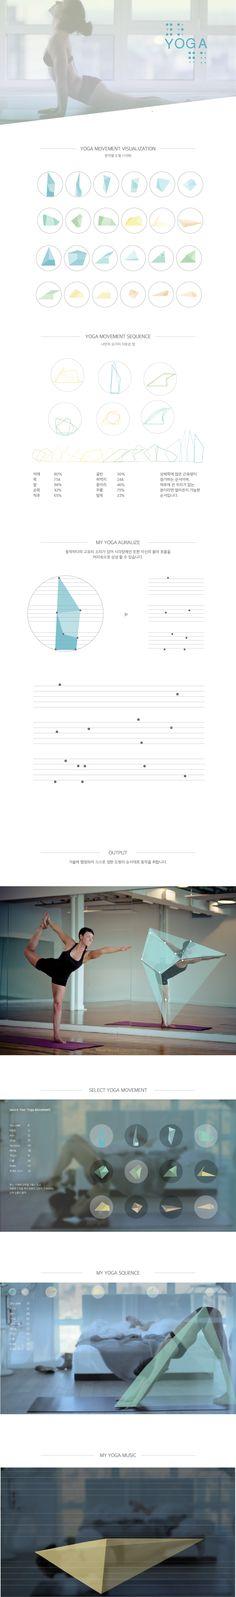 김나은 │ Information Visualization 2014│ Dept. of Digital Media Design │#hicoda │hicoda.hongik.ac.kr